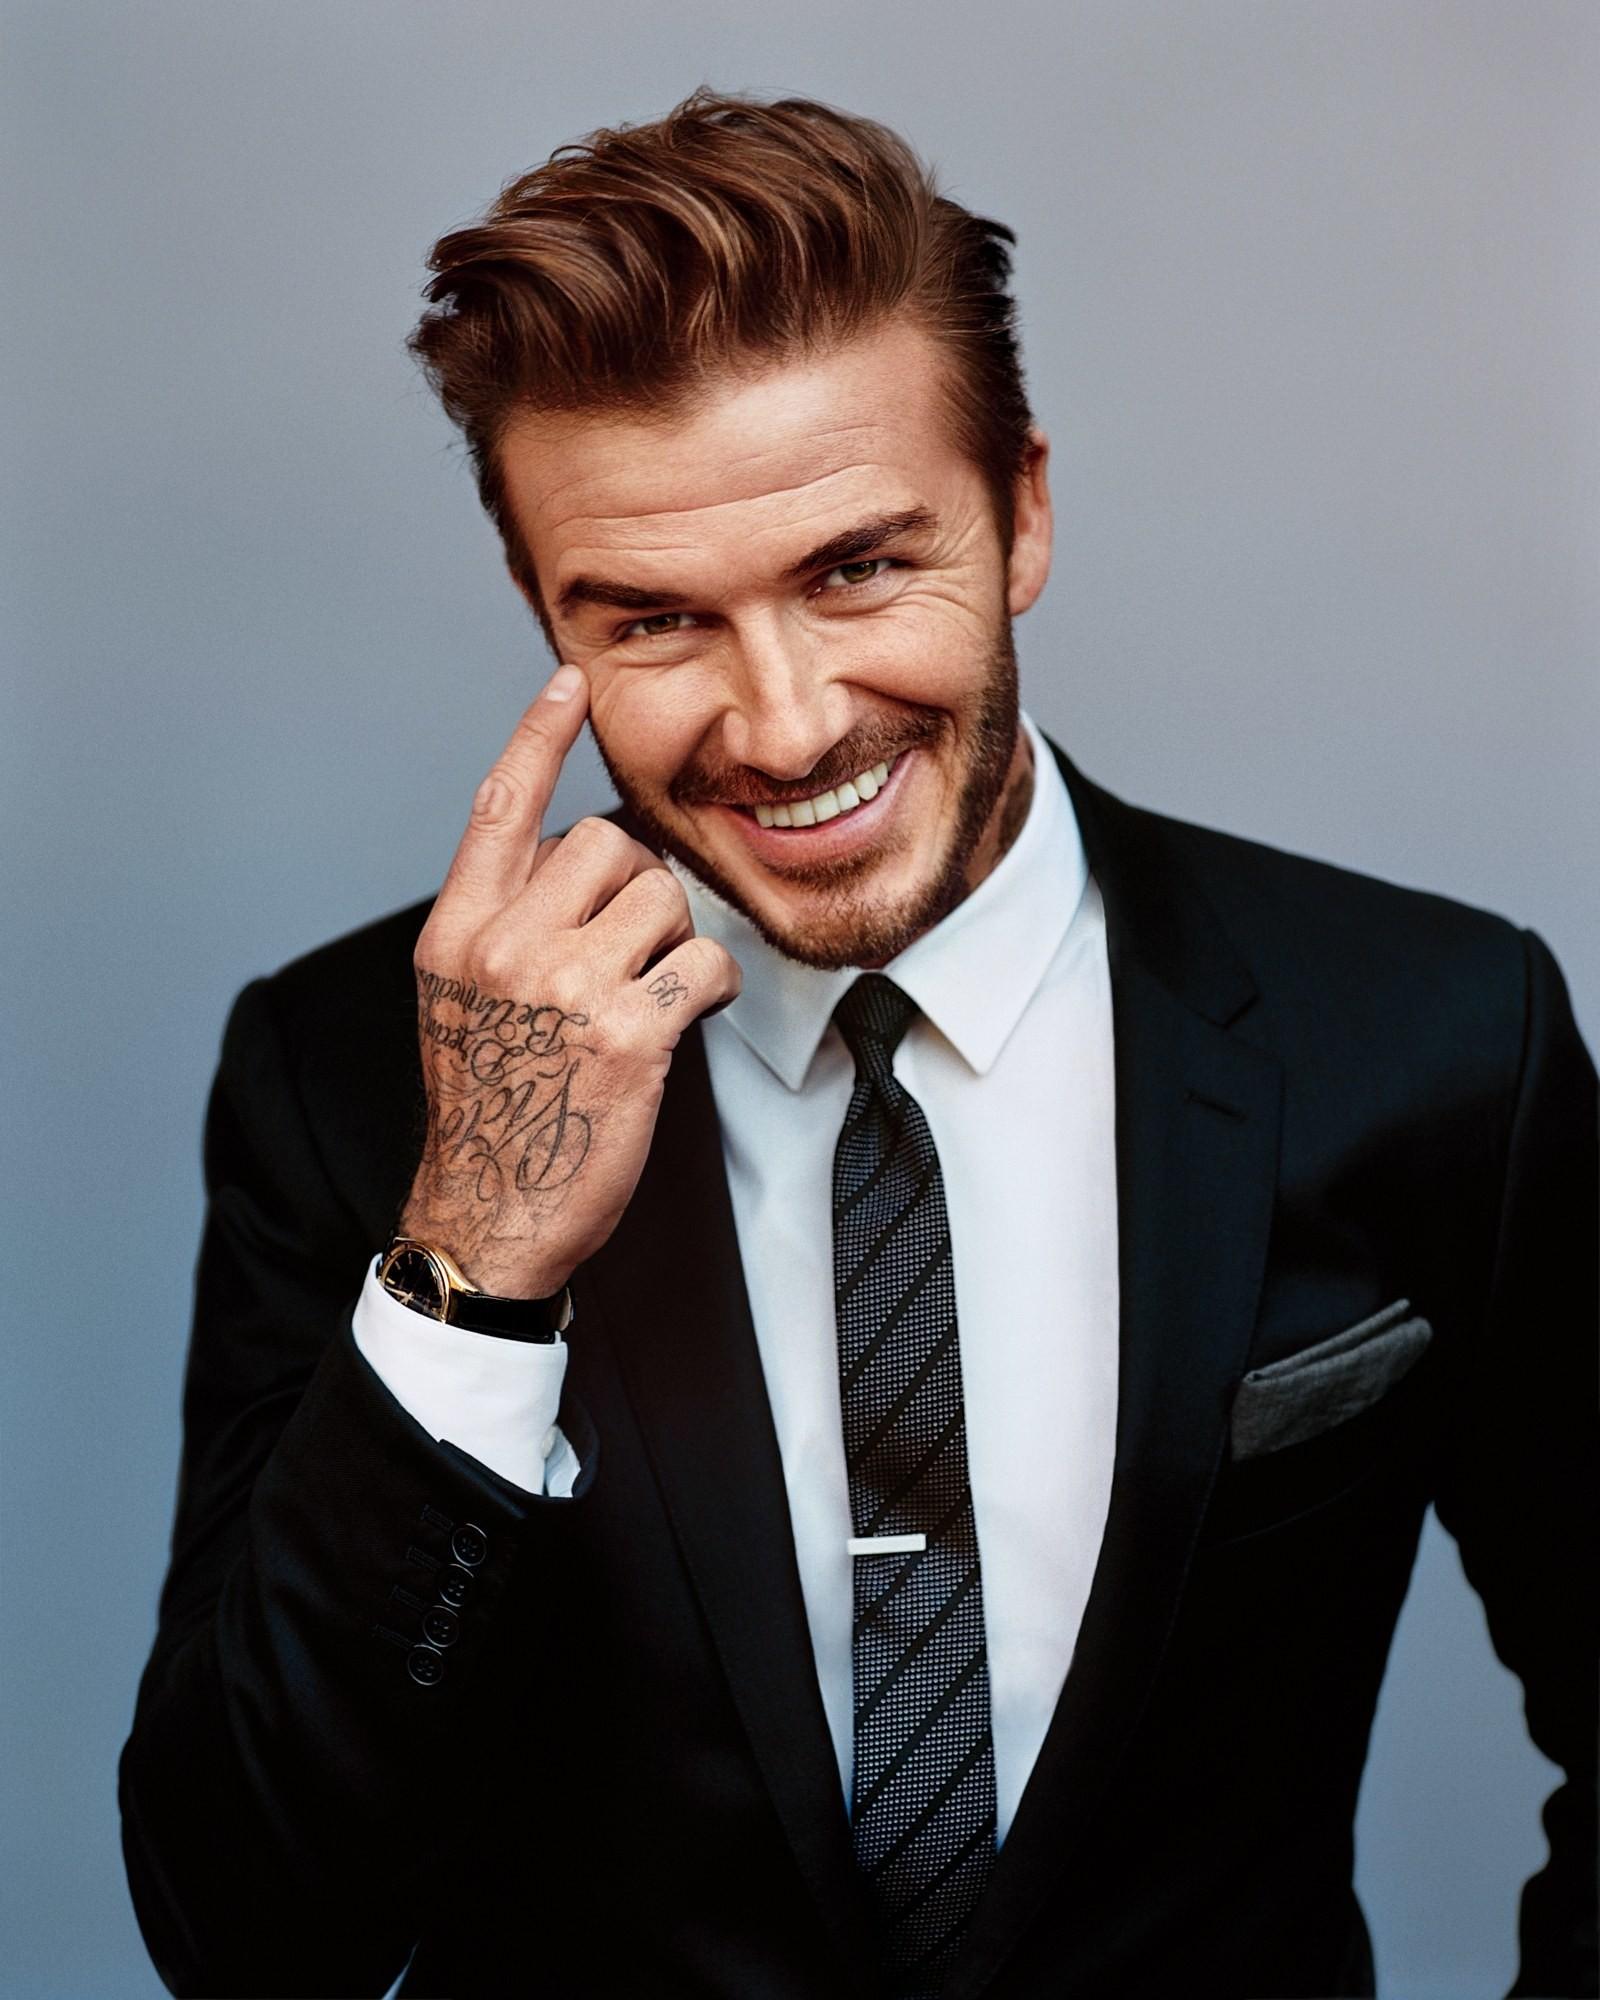 Cuối cùng David Beckham đã xuất hiện tại sự kiện ở TP.HCM: Ngôi sao quốc tế chuẩn bị gặp gỡ 2 cầu thủ Việt đình đám - Ảnh 12.